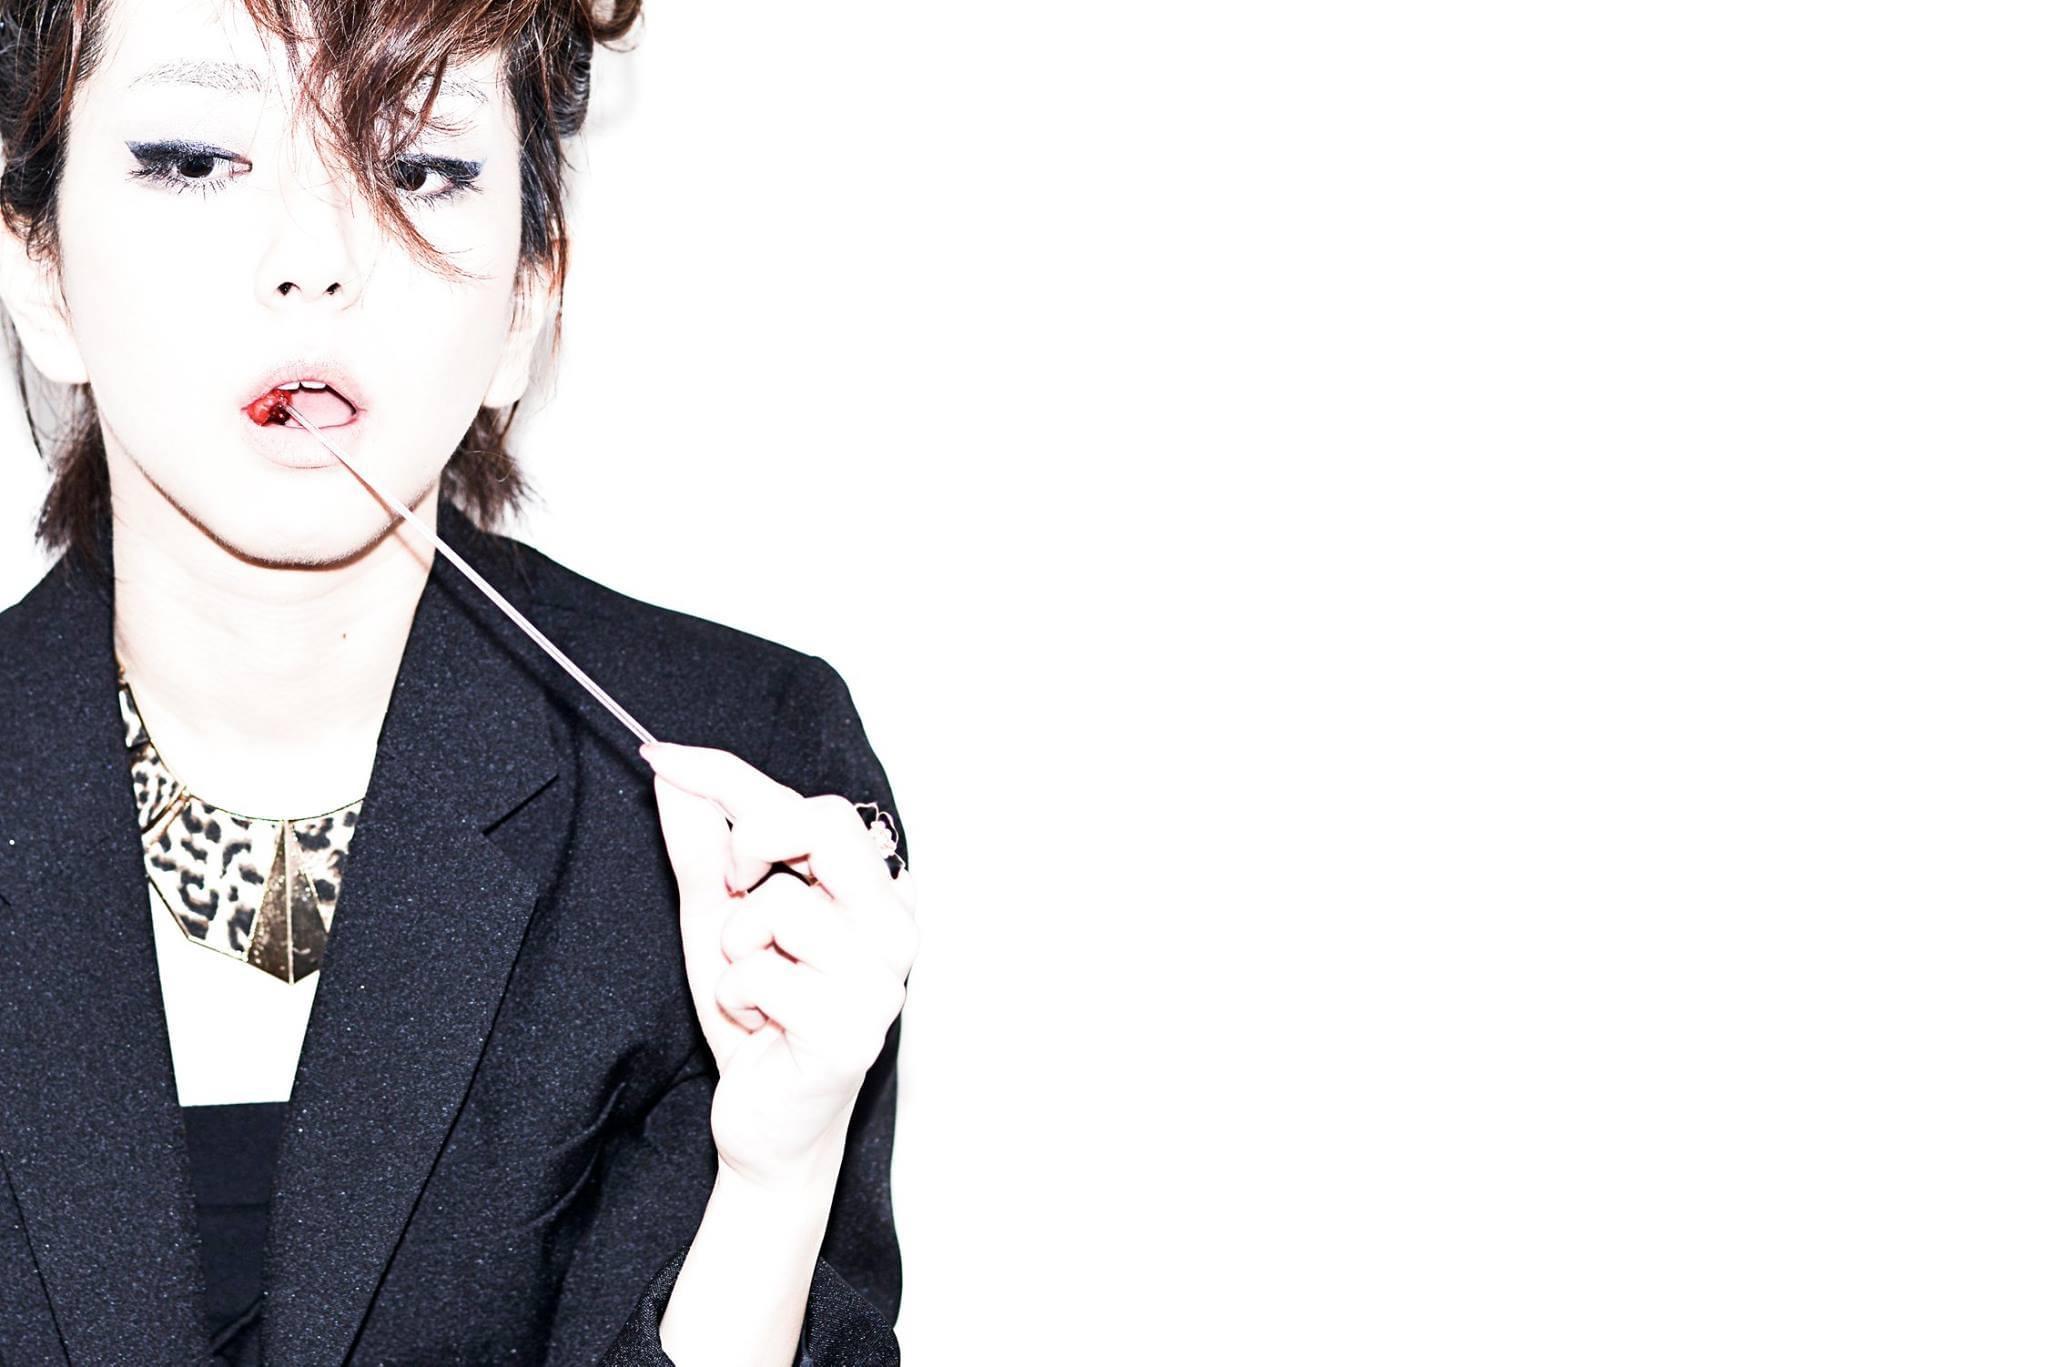 【衣類】バイカラーポロシャツ(10色) レイヤードポロシャツ